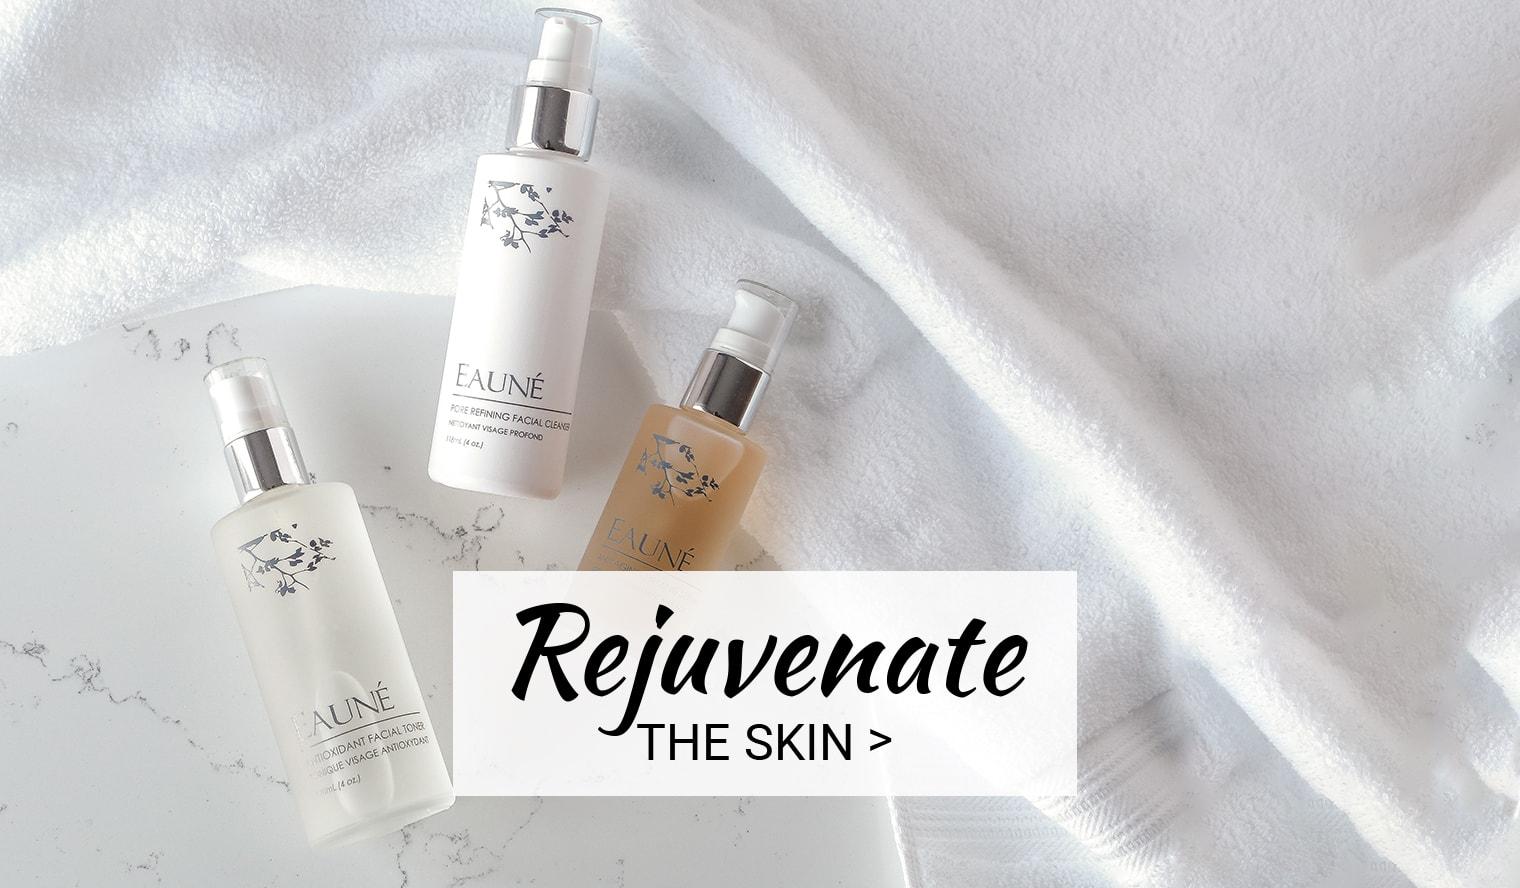 Rejuvenate The Skin